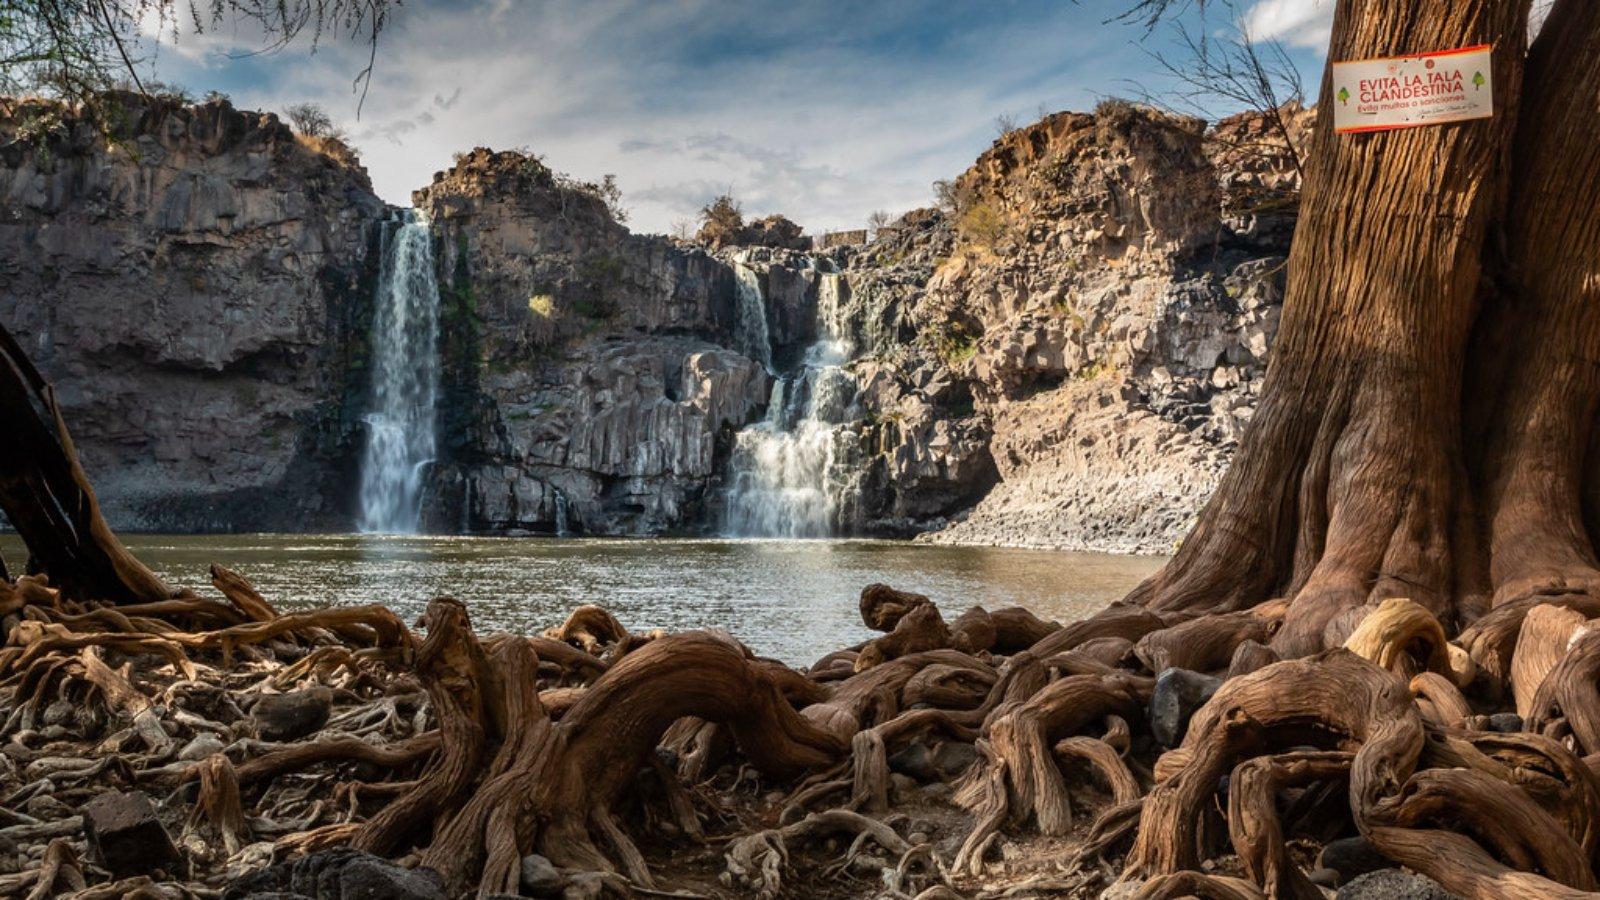 Pueblo mágico del noroeste. Ojo de agua gigante. En la parte de abajo se pueden observar las raíces gigantes que sobresalen de los árboles color café.